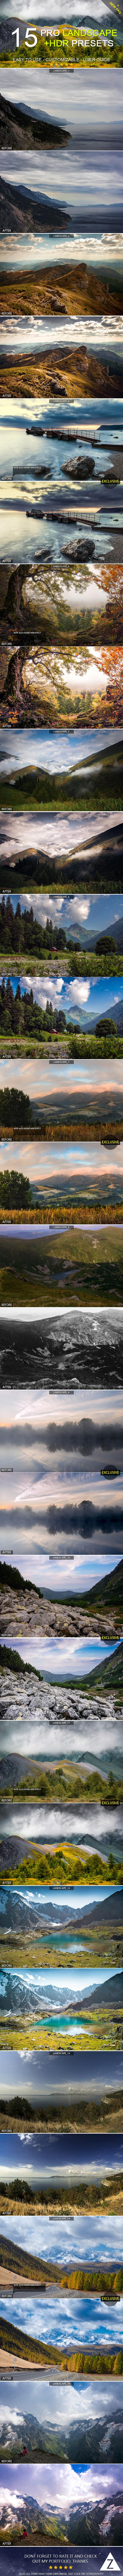 15 Pro Landscape+HDR Presets - Landscape Lightroom Presets